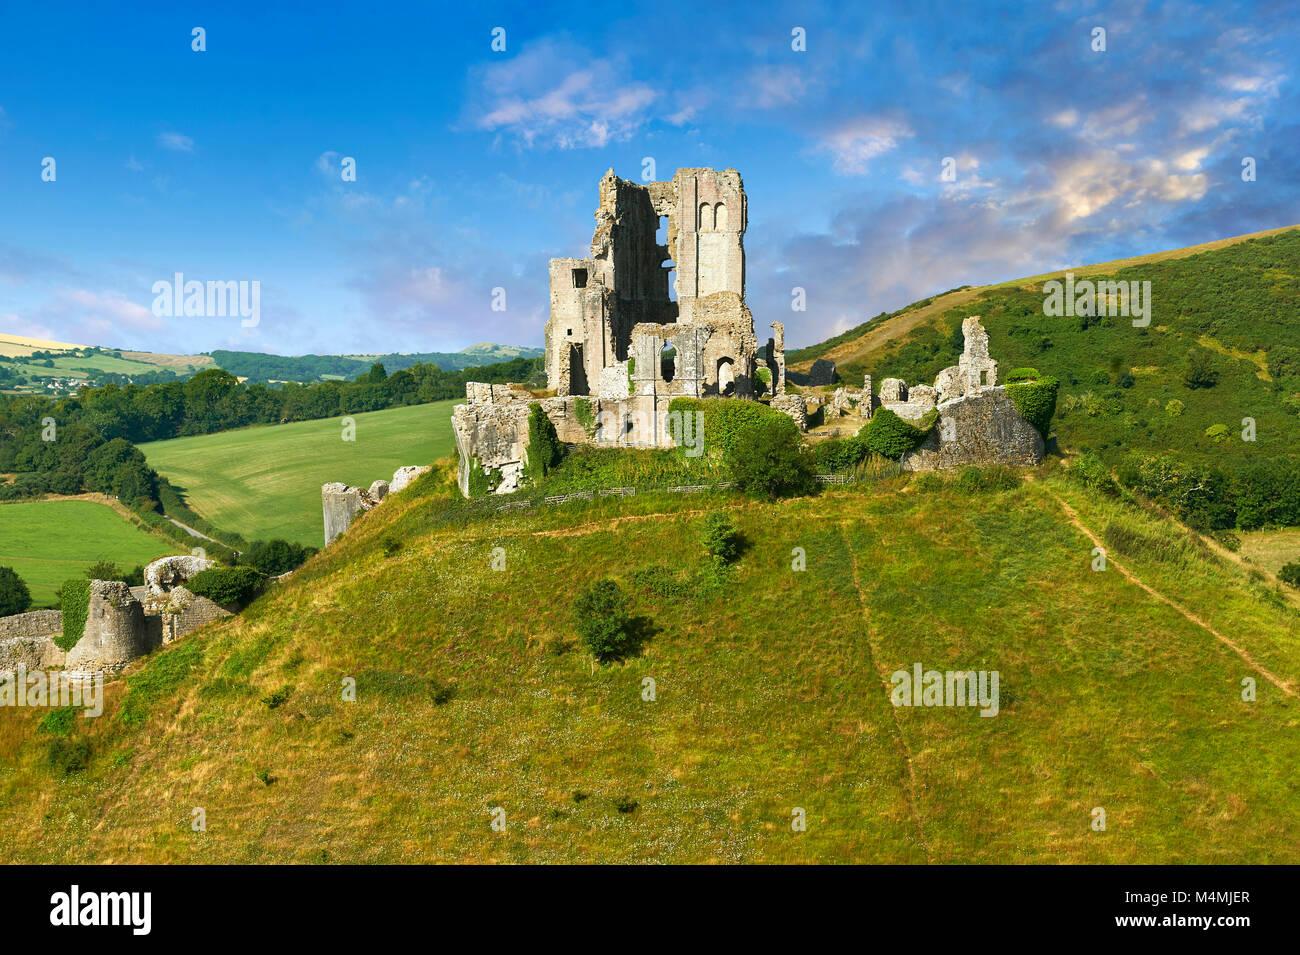 El castillo Corfe medieval conservar y almenas al amanecer, construido en 1086 por Guillermo el Conquistador, Dorset, Imagen De Stock